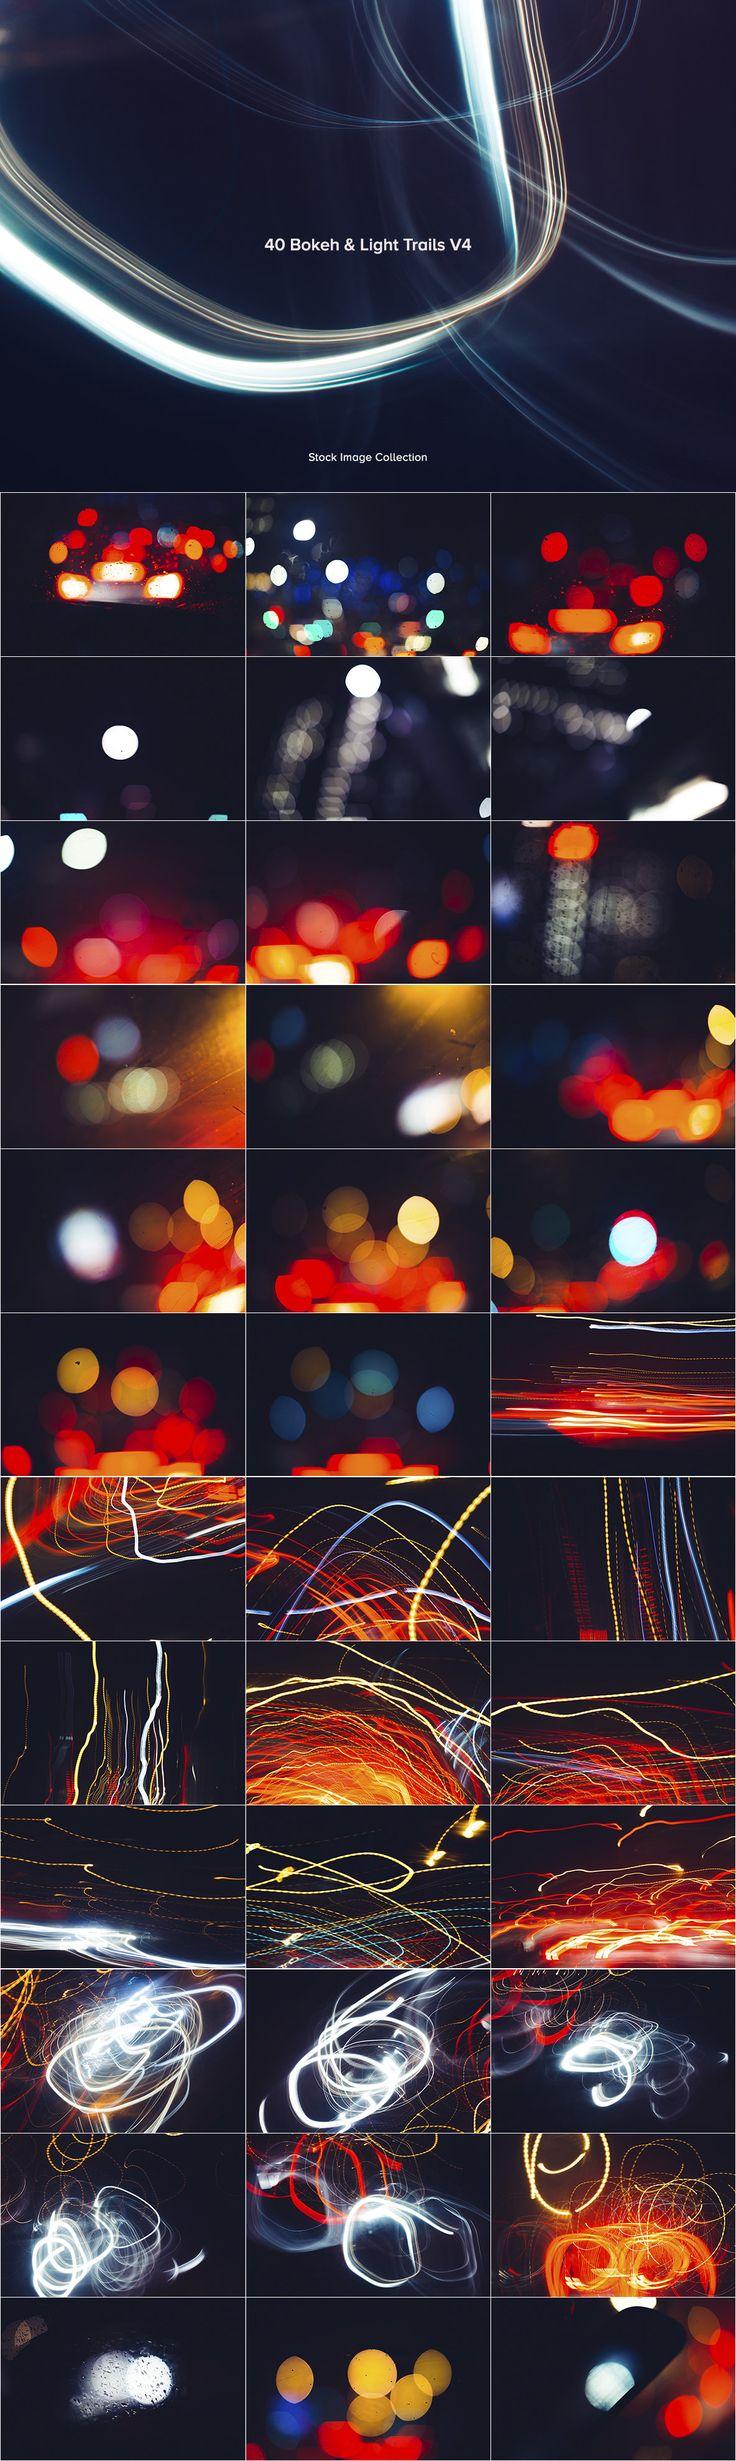 40 Bokeh & Light Trails V4 - Graphics - YouWorkForThem